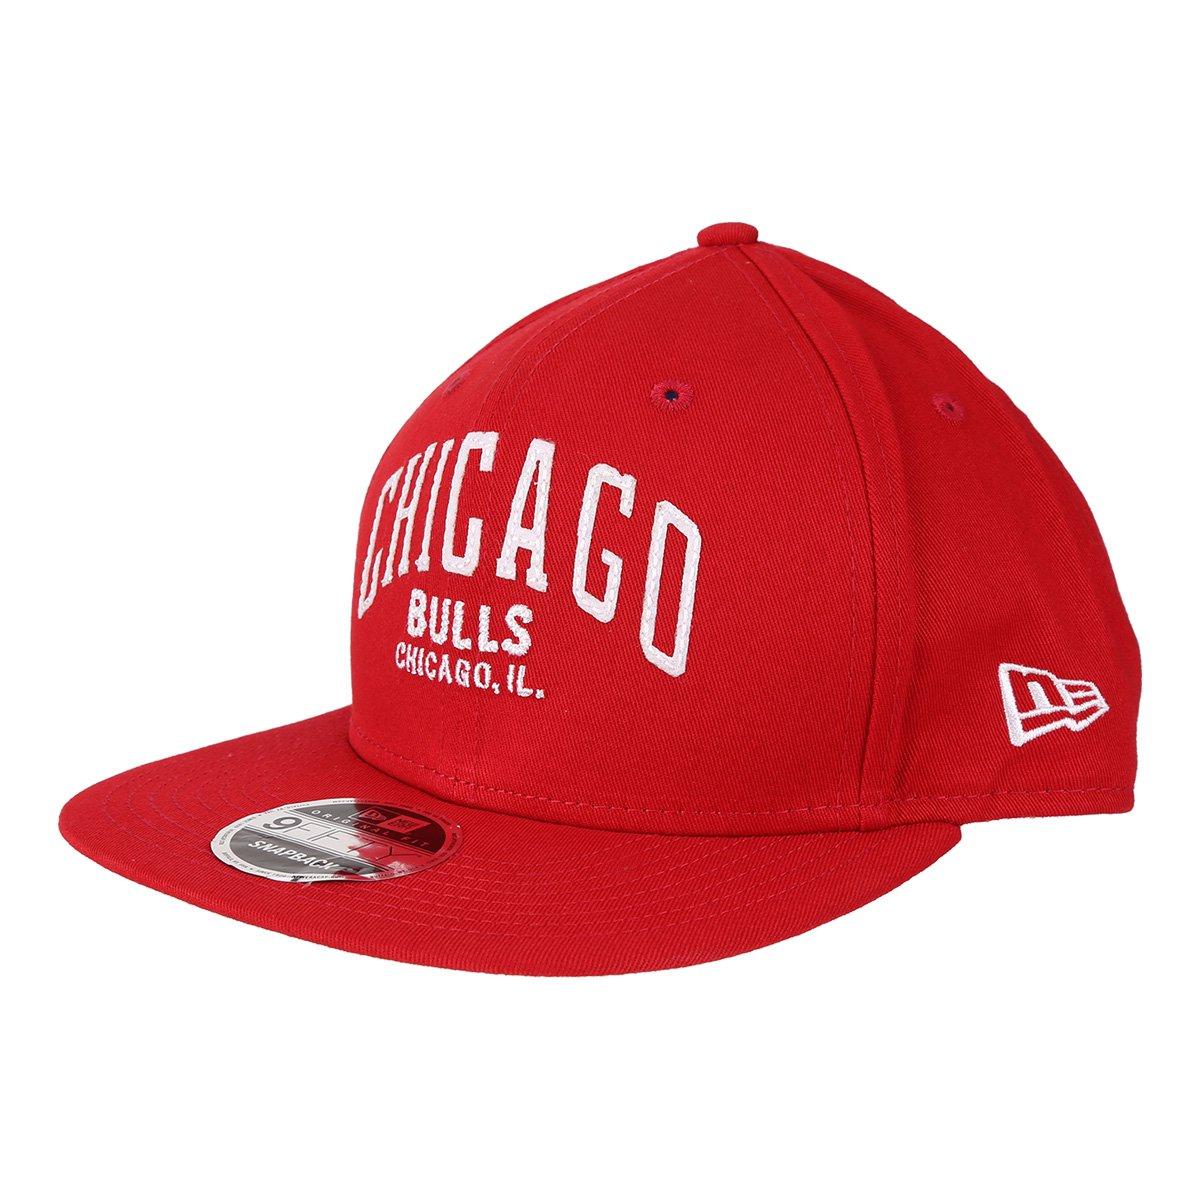 Boné New Era NBA Chicago Bulls Aba Reta 950 OF Af SN Lic2144 Fa17 Sc -  Vermelho - Compre Agora  5382f3d3301